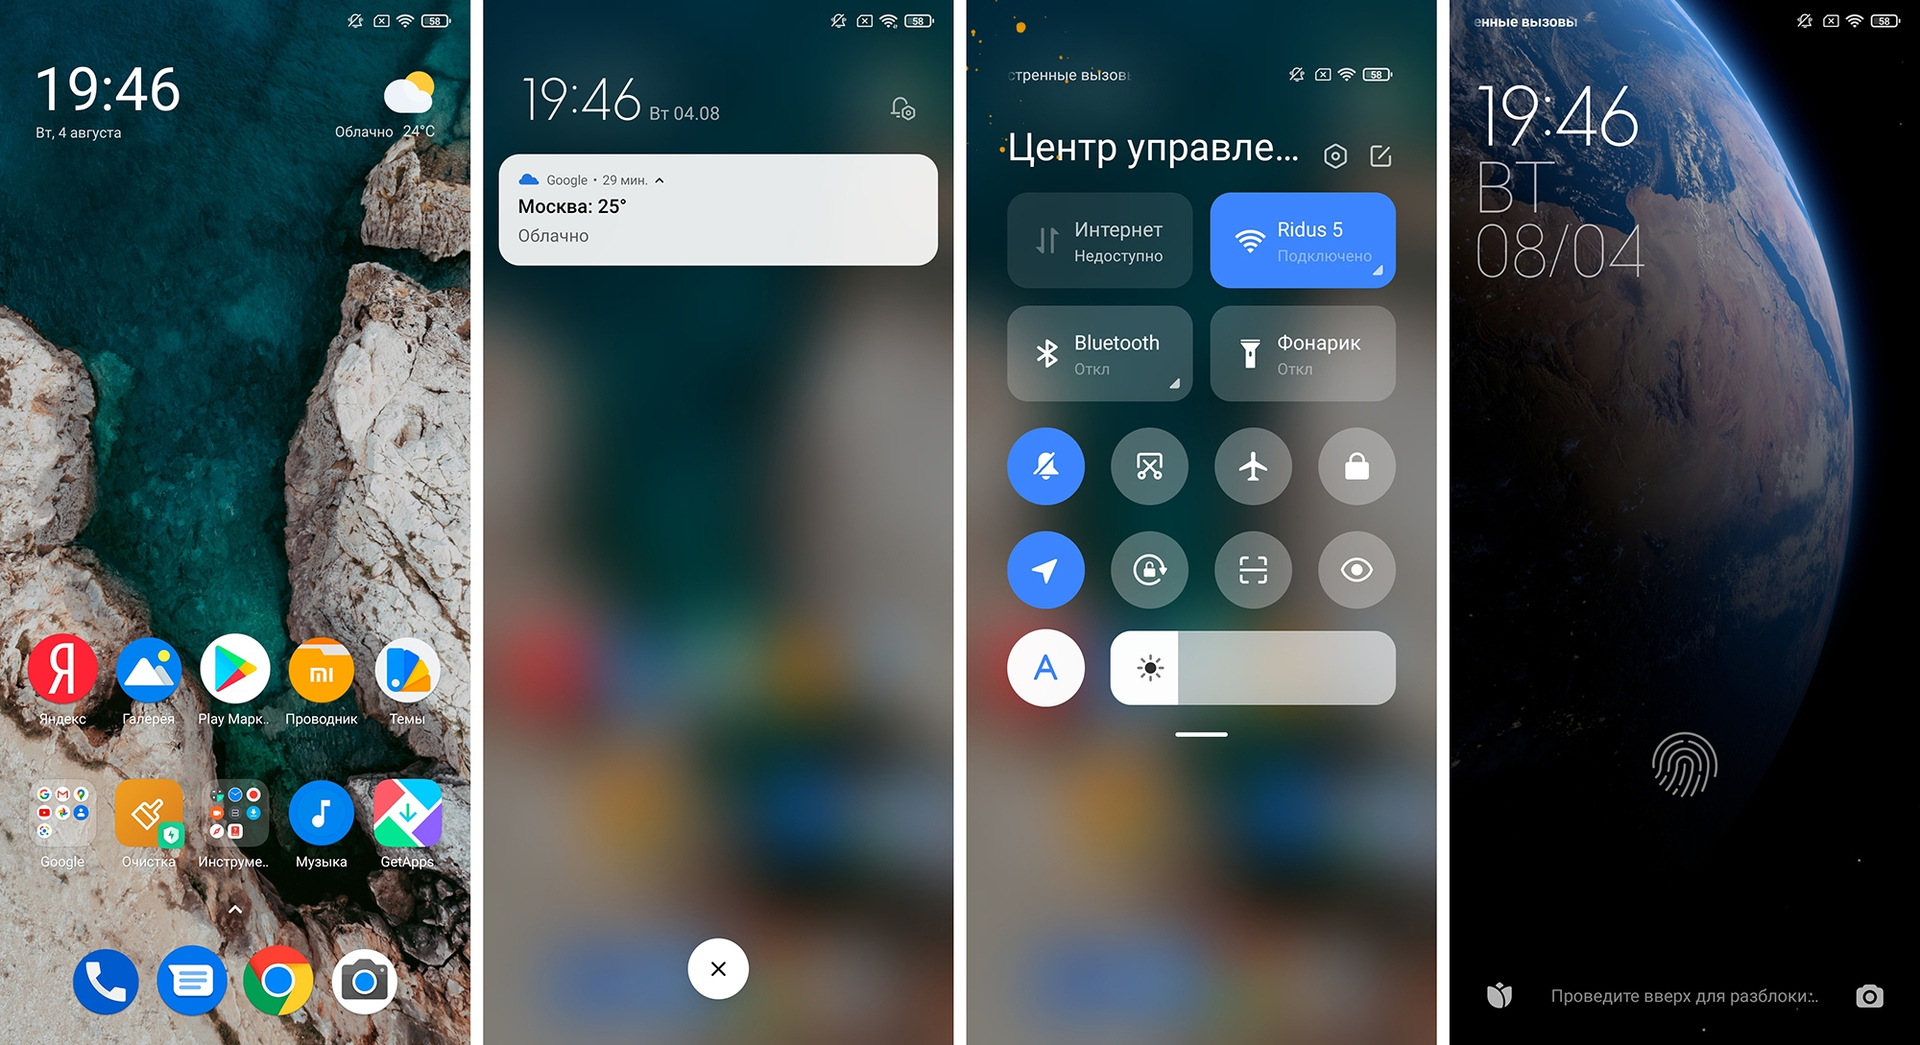 """Xiaomi """"подколола"""" apple в социальных сетях после презентации iphone ► последние новости"""